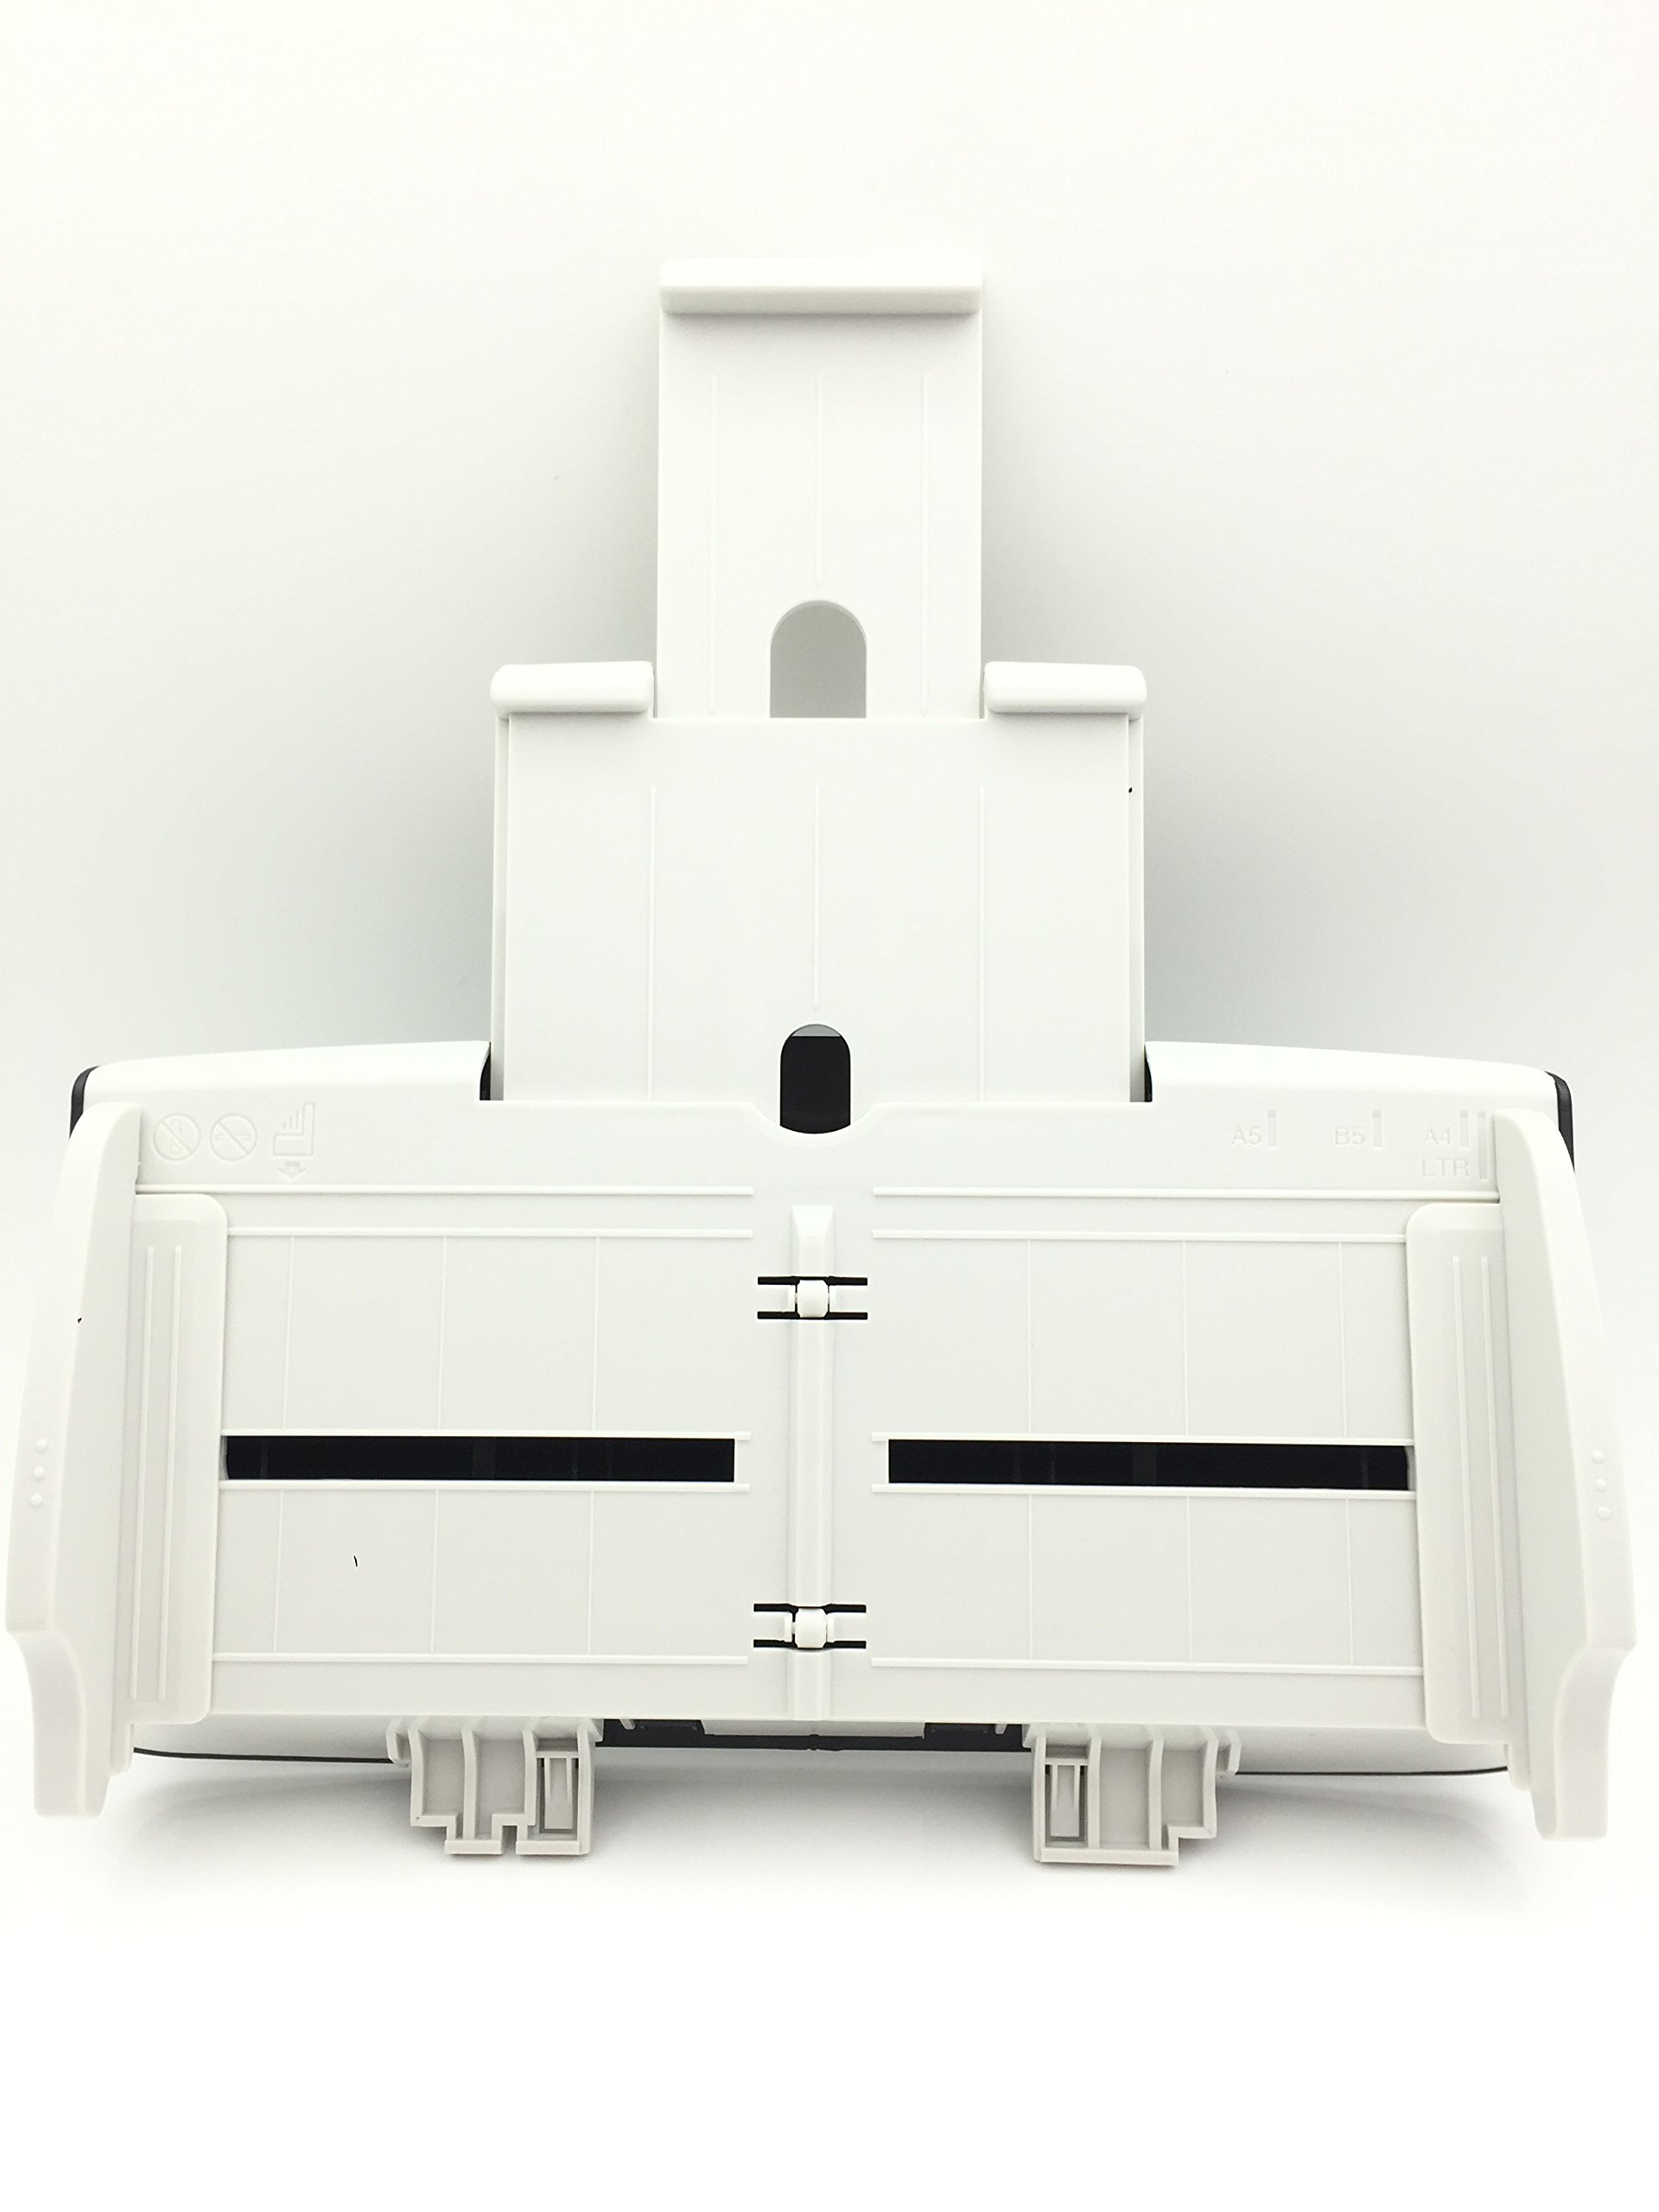 OKLILI PA03670-E985 Input Tray Input Chute Unit Paper Tray Chute Assembly Chuter Unit for Fujitsu fi-7160 fi-7260 fi-7140 fi-7240 fi-7180 fi-7280